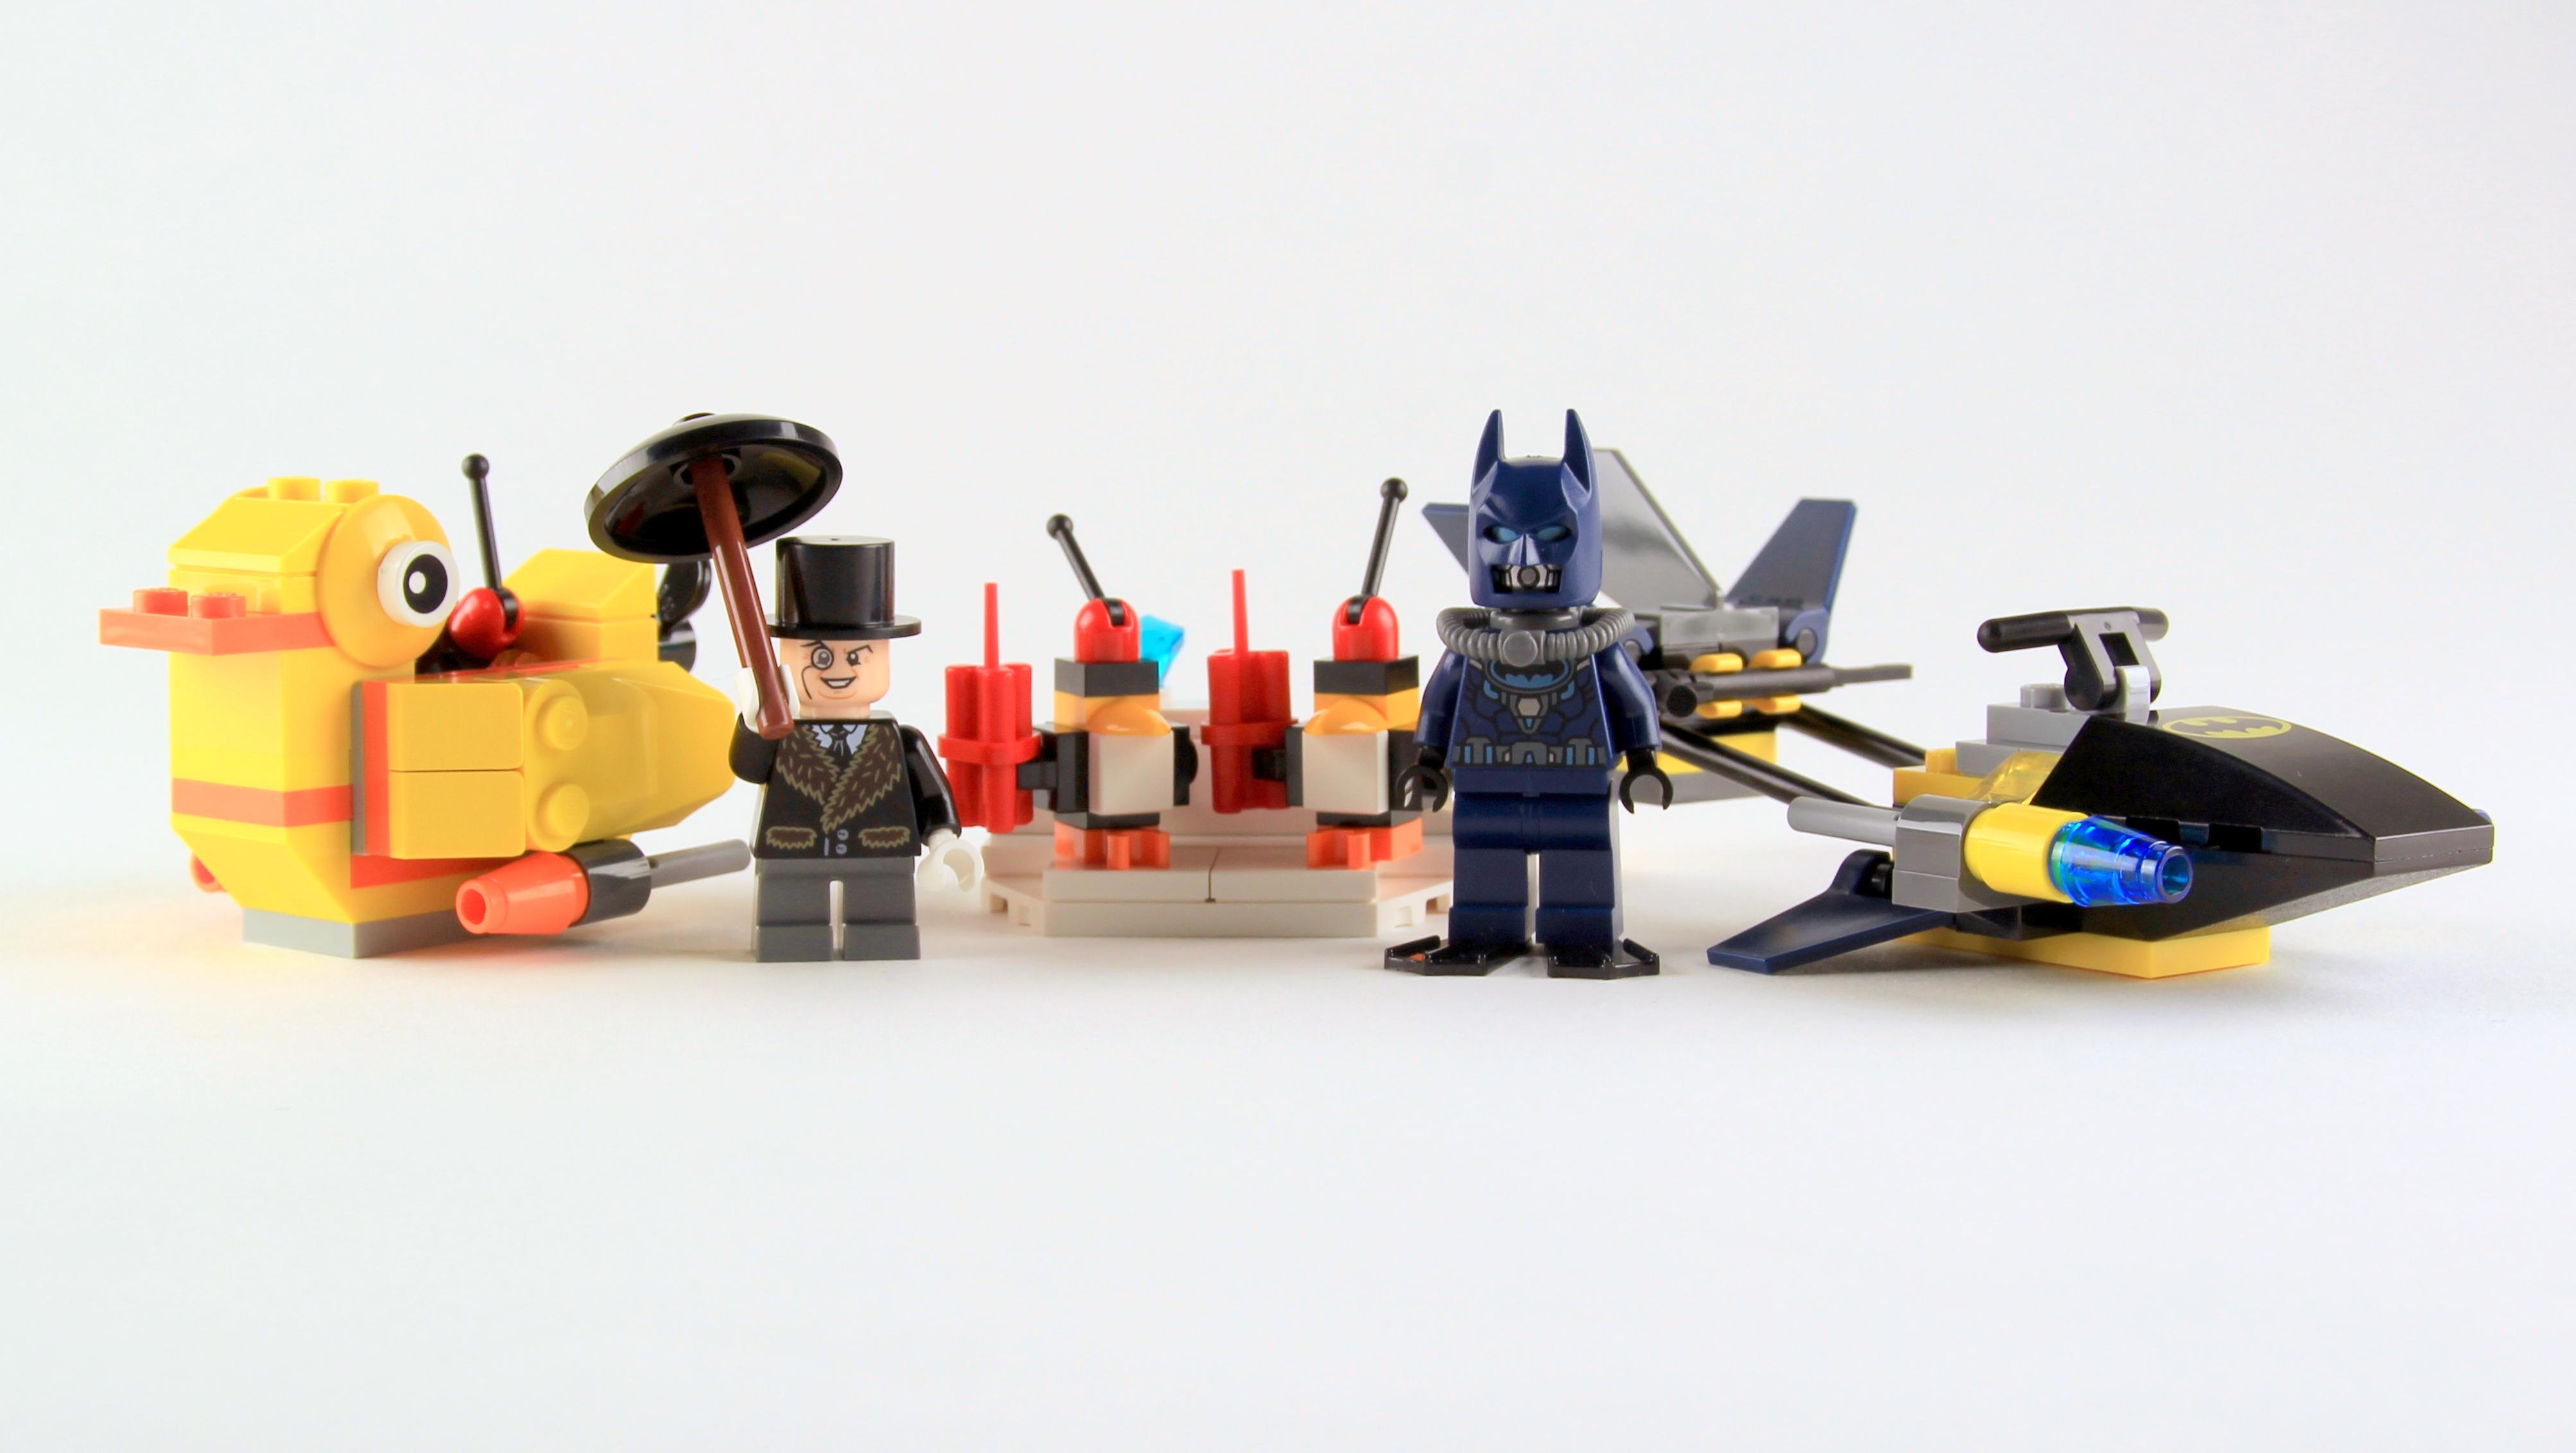 lego batman penguin goon - photo #46